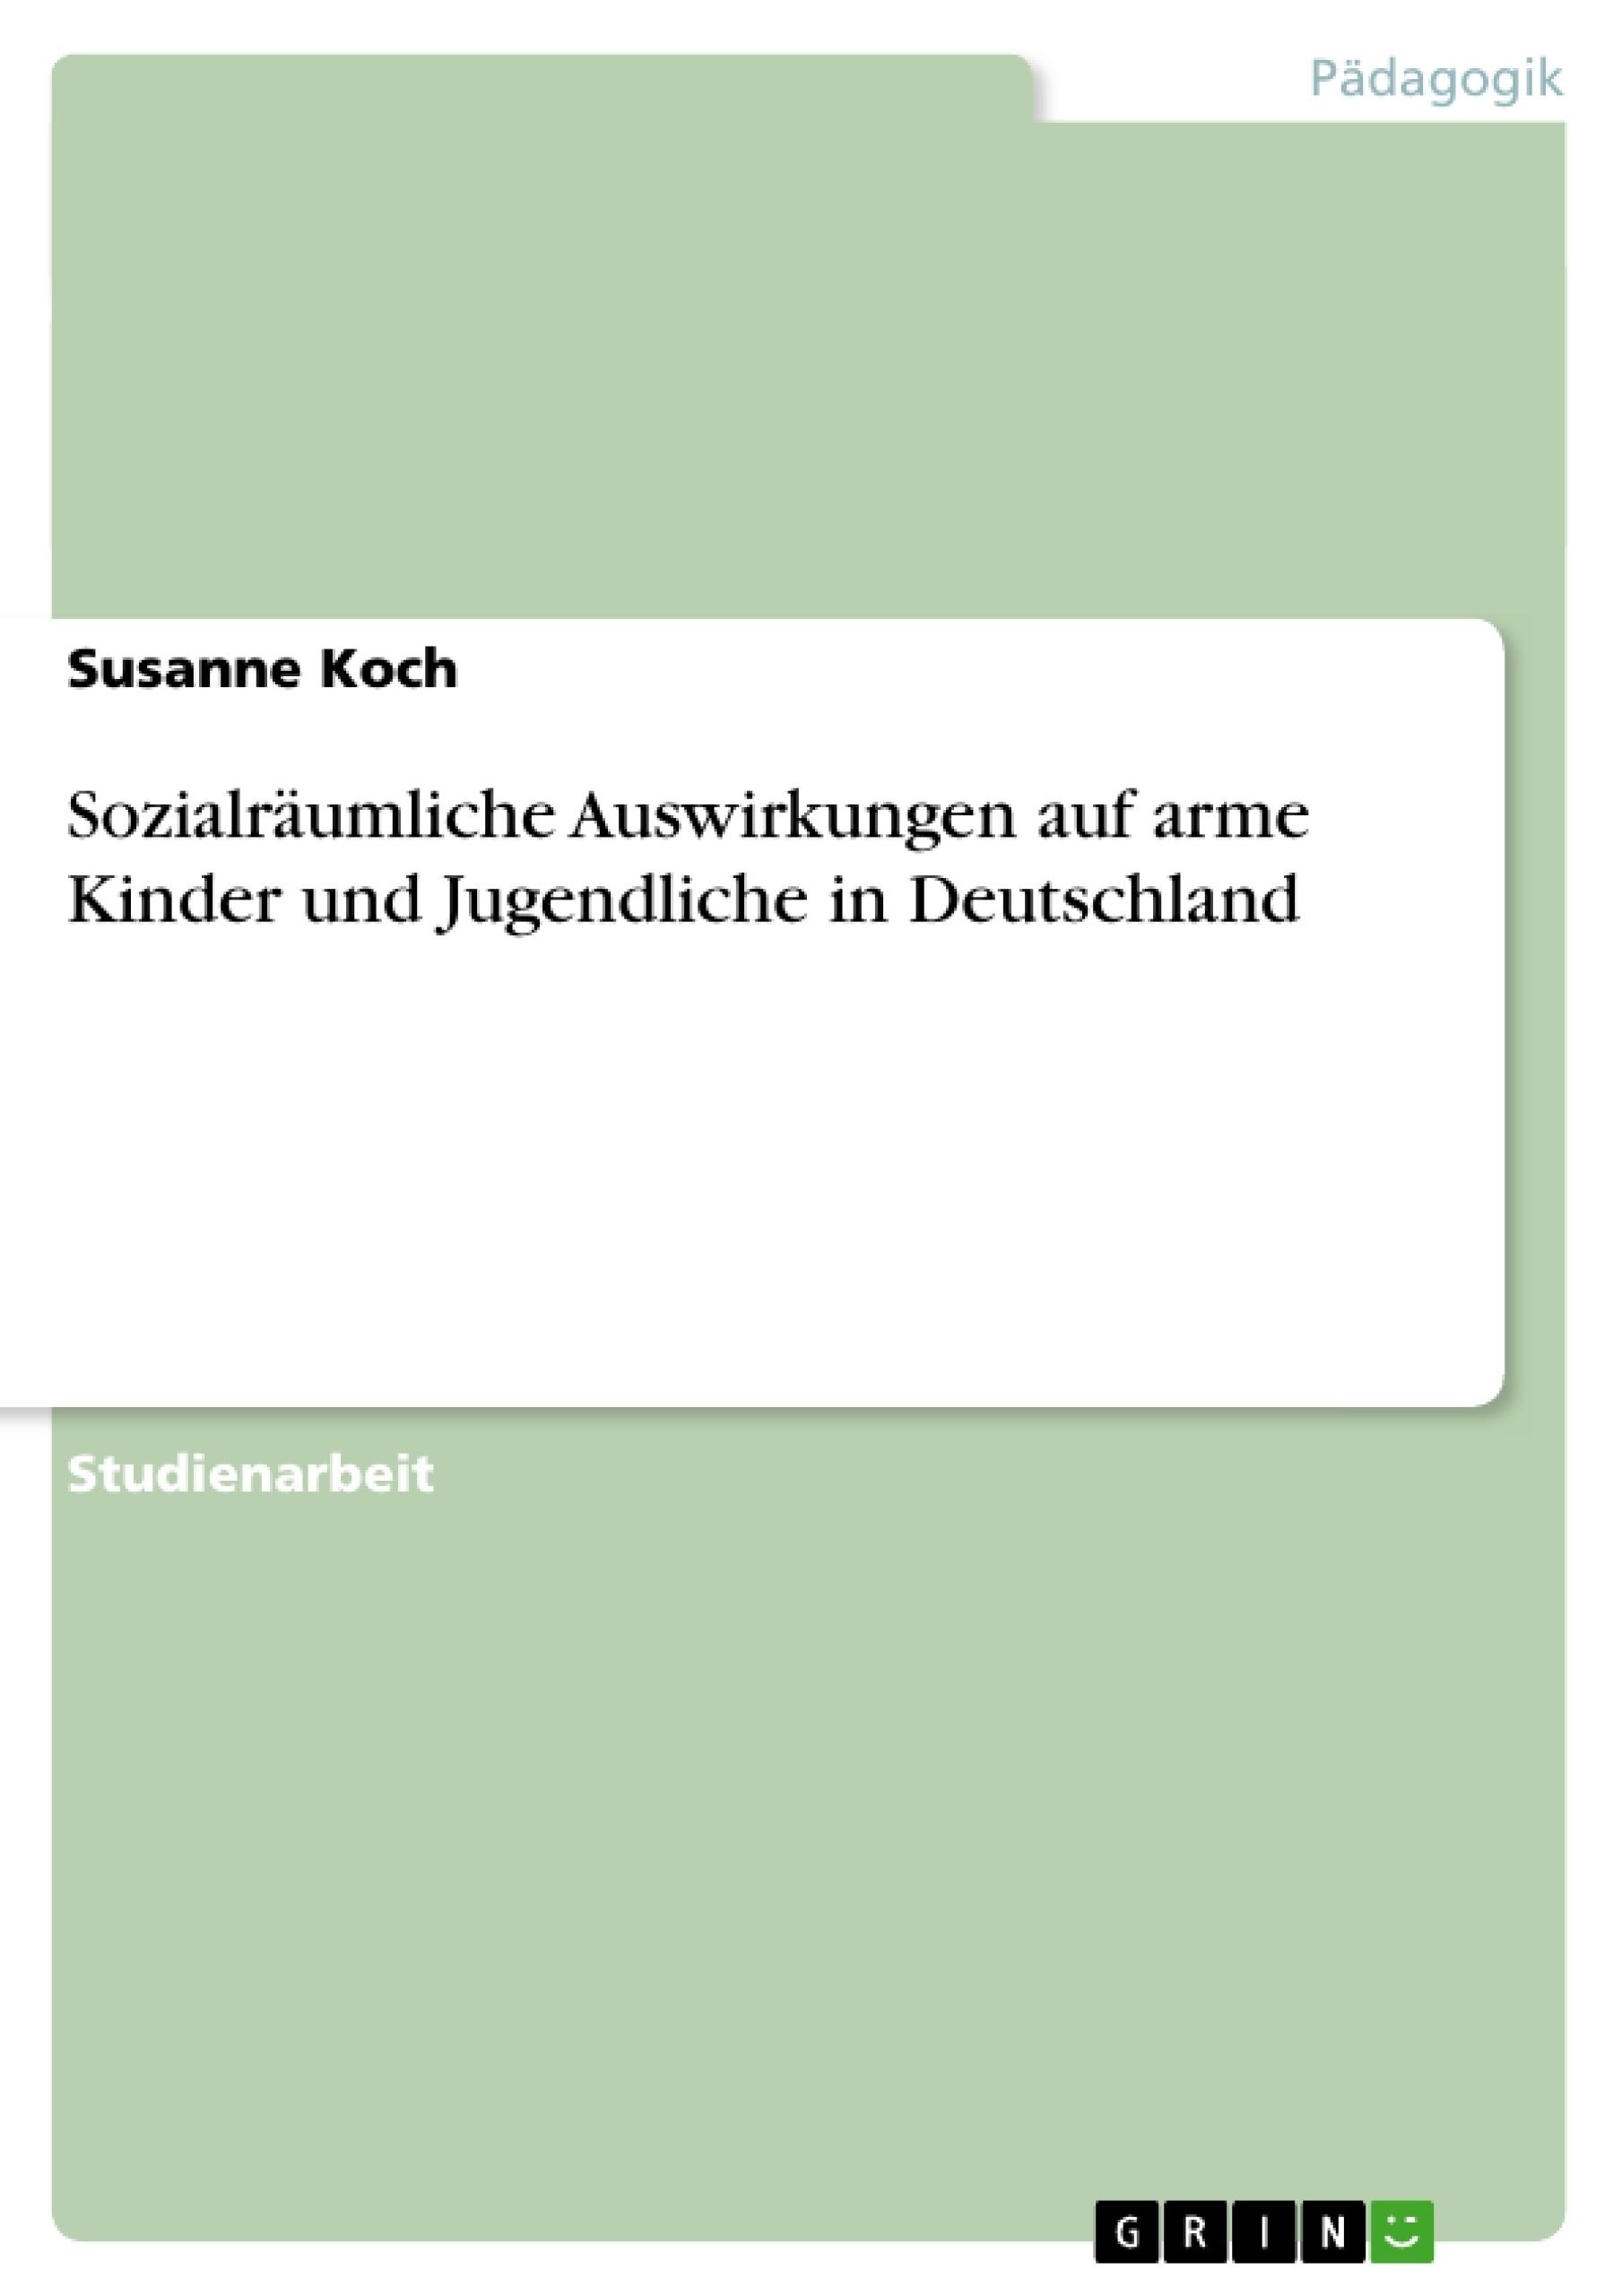 Titel: Sozialräumliche Auswirkungen auf arme Kinder und Jugendliche in Deutschland